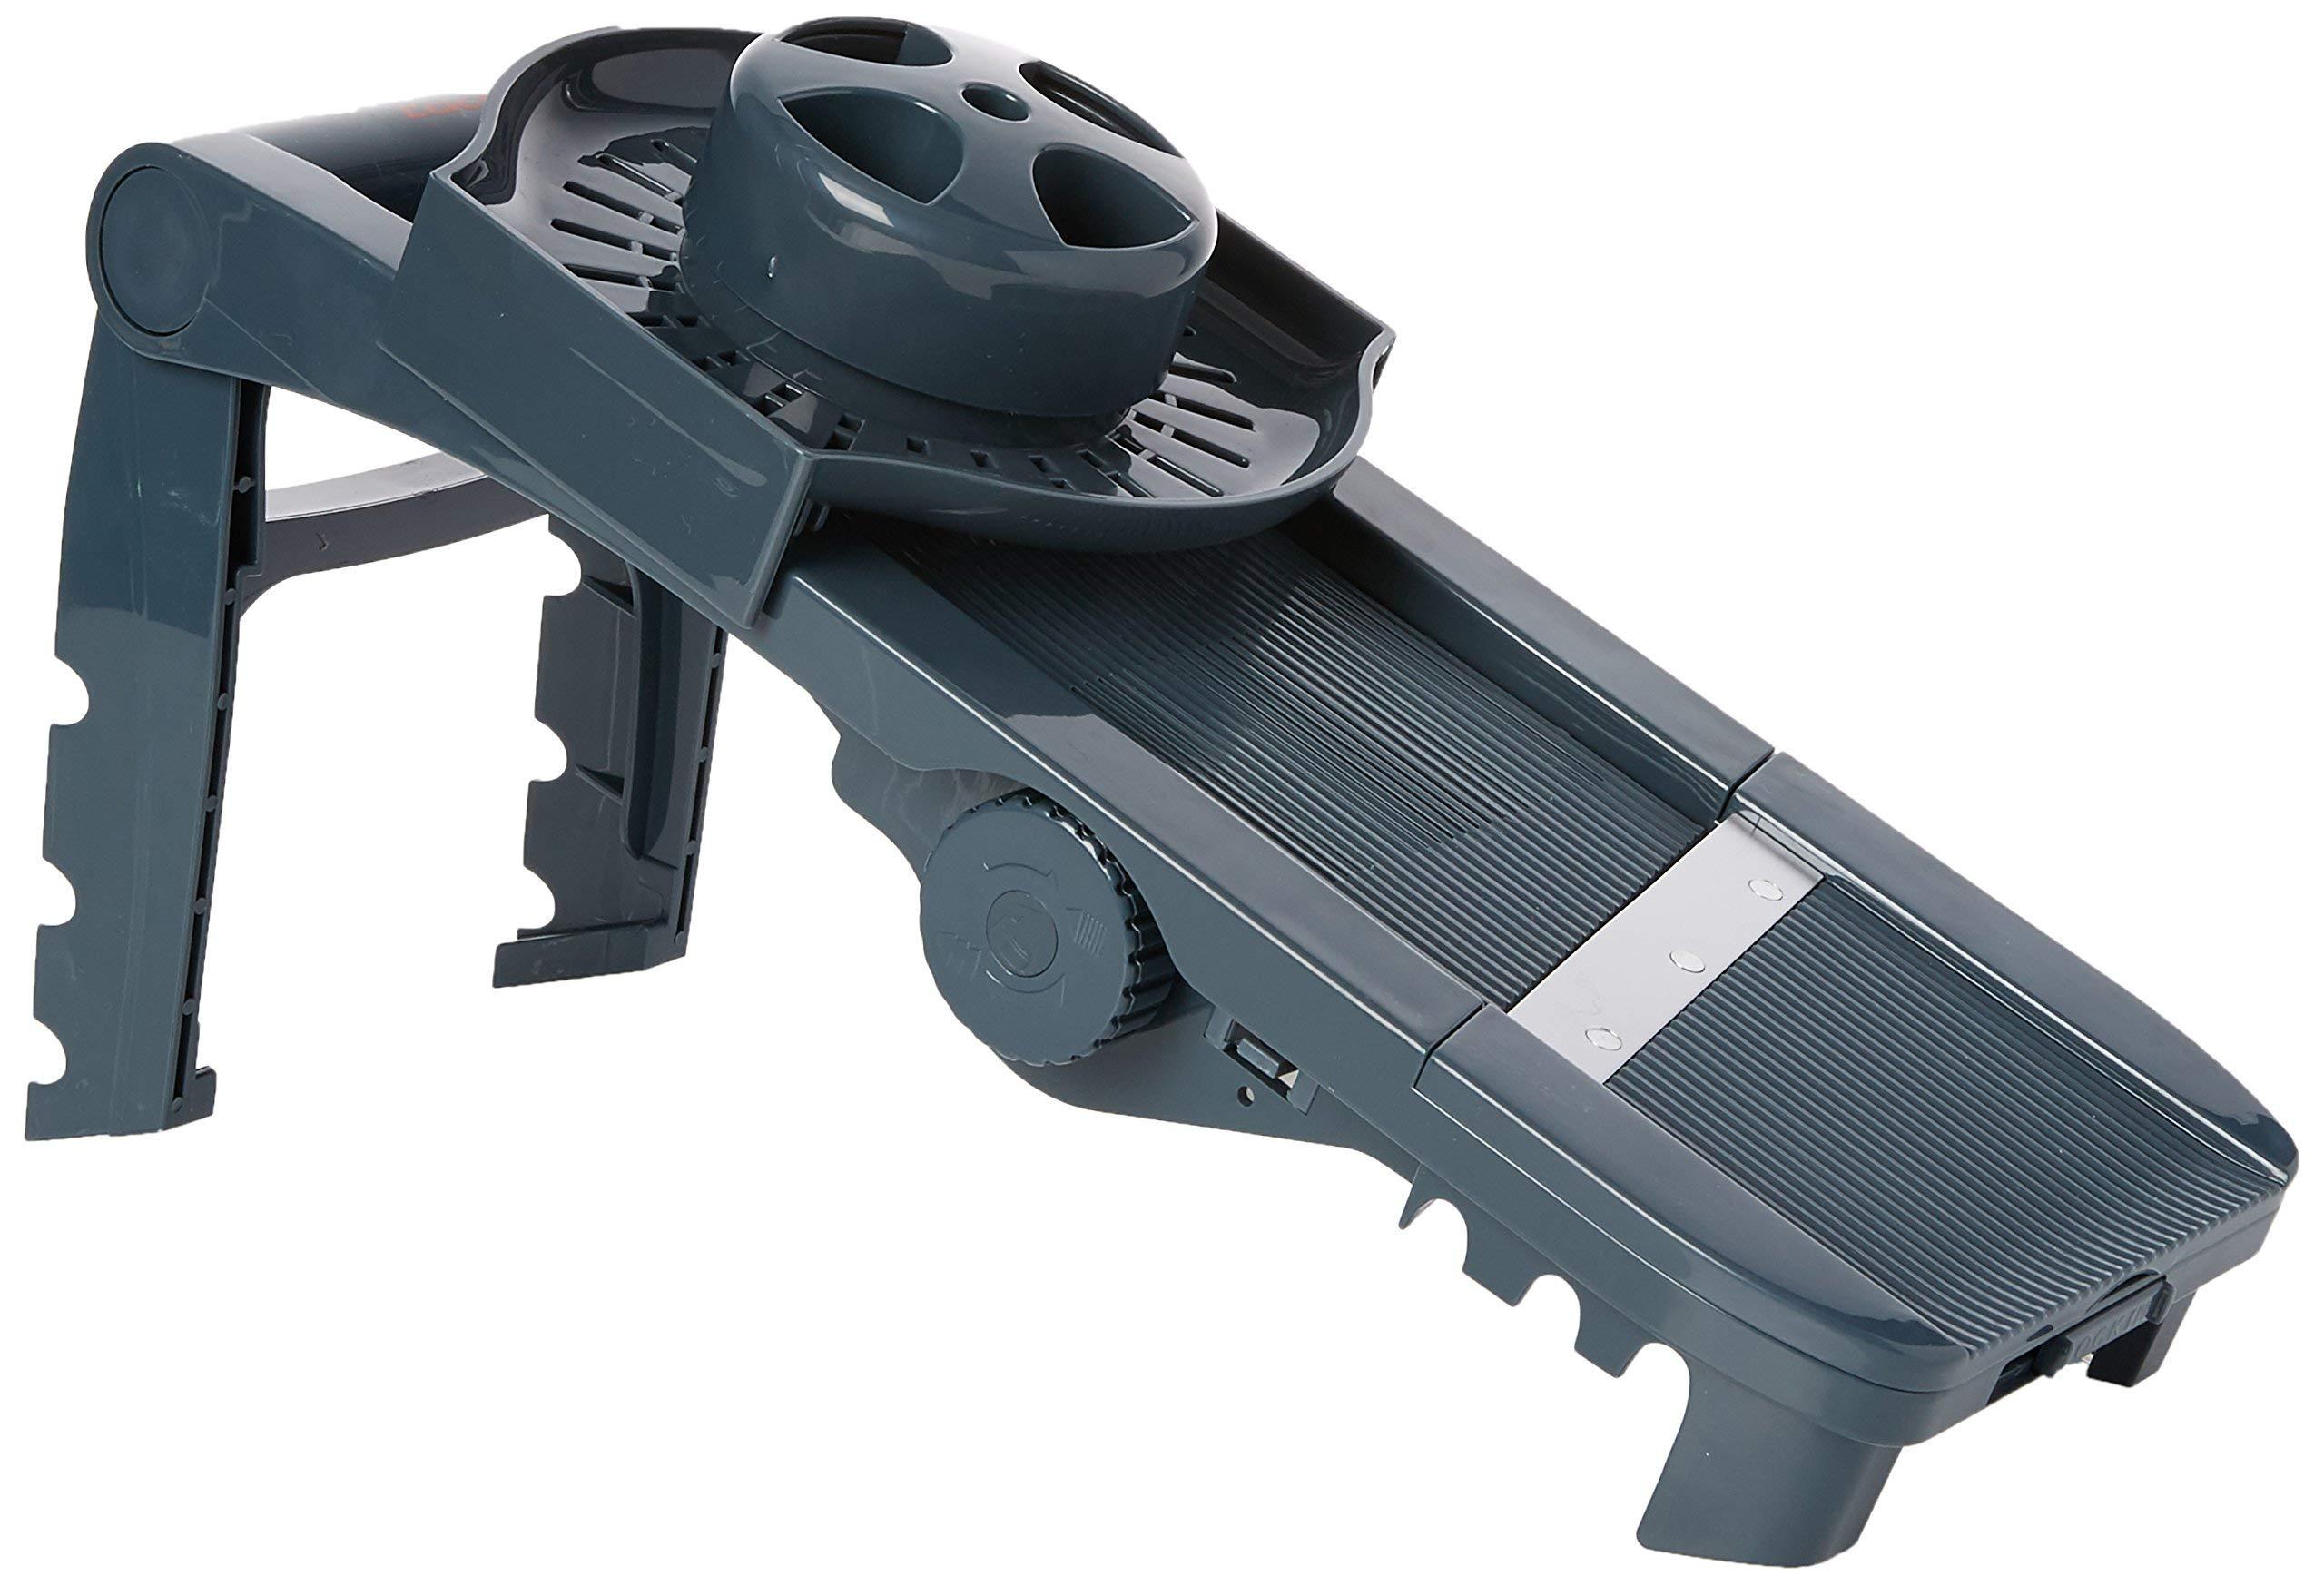 Lacor 60331 - Mandolina de plástico 5 cuchillas y exprimidor, gris product image